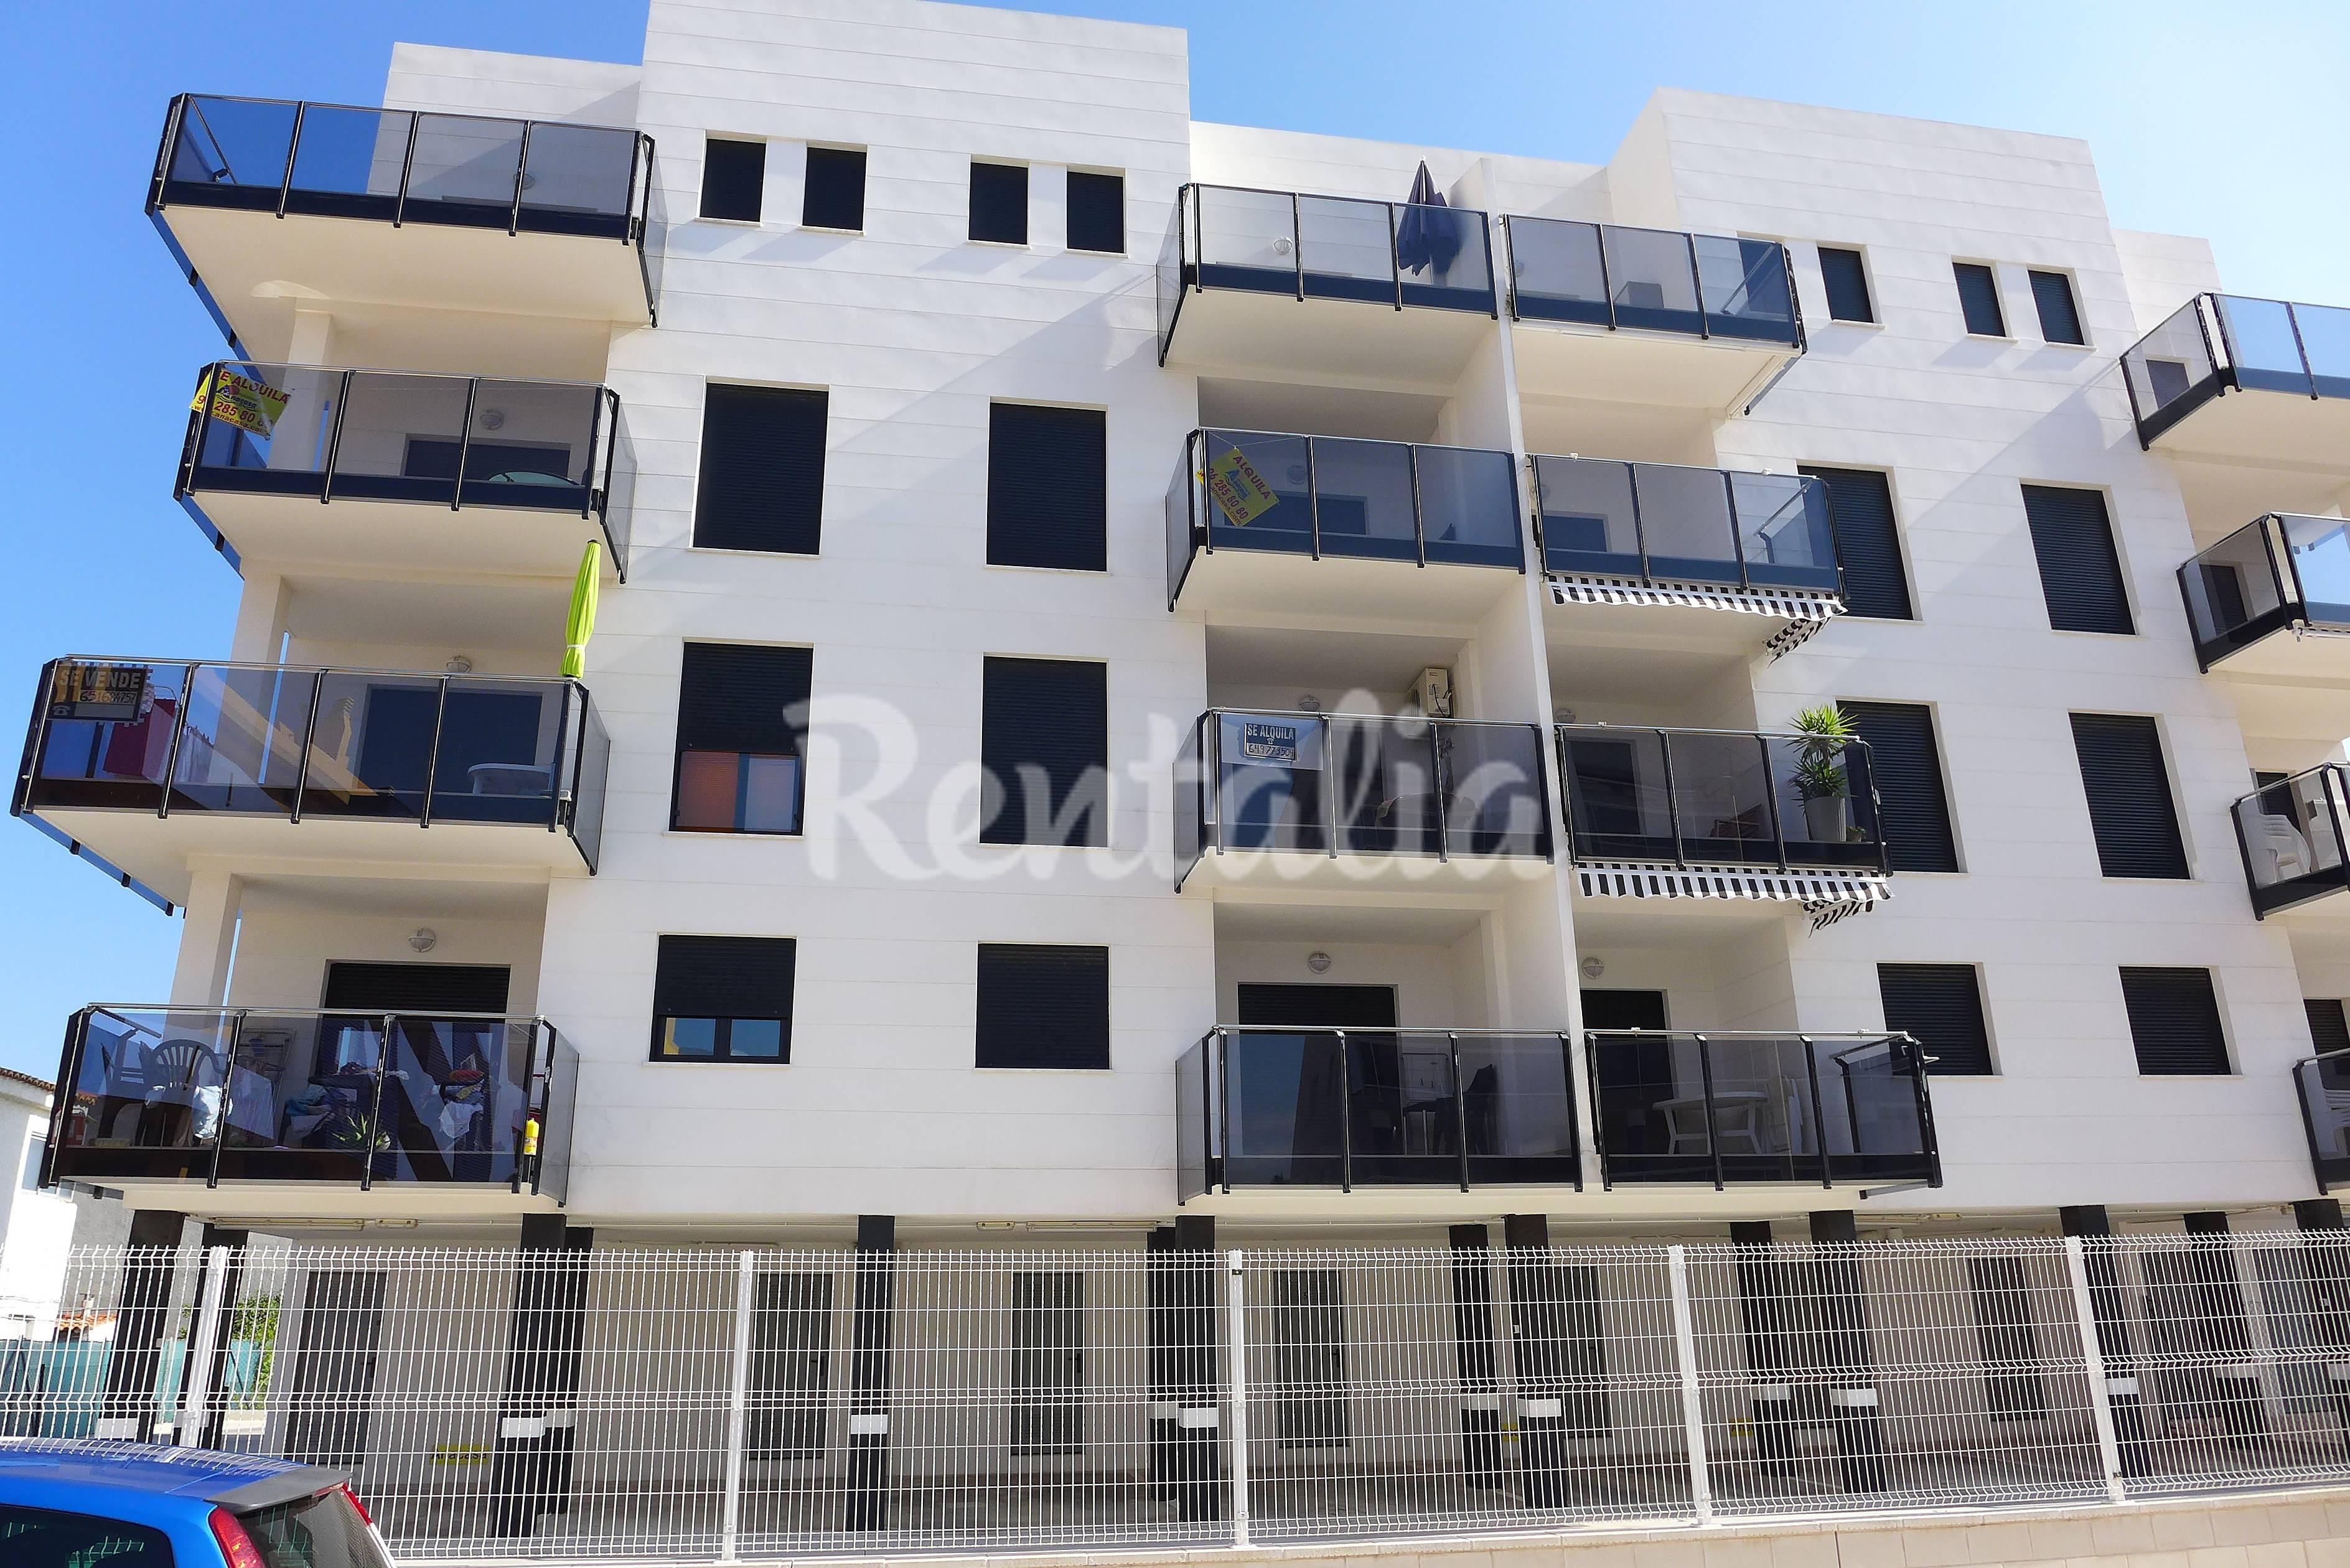 Apartamentos alquiler en playa de bellreguard bellreguard platja bellreguard valencia - Apartamentos alicante alquiler ...